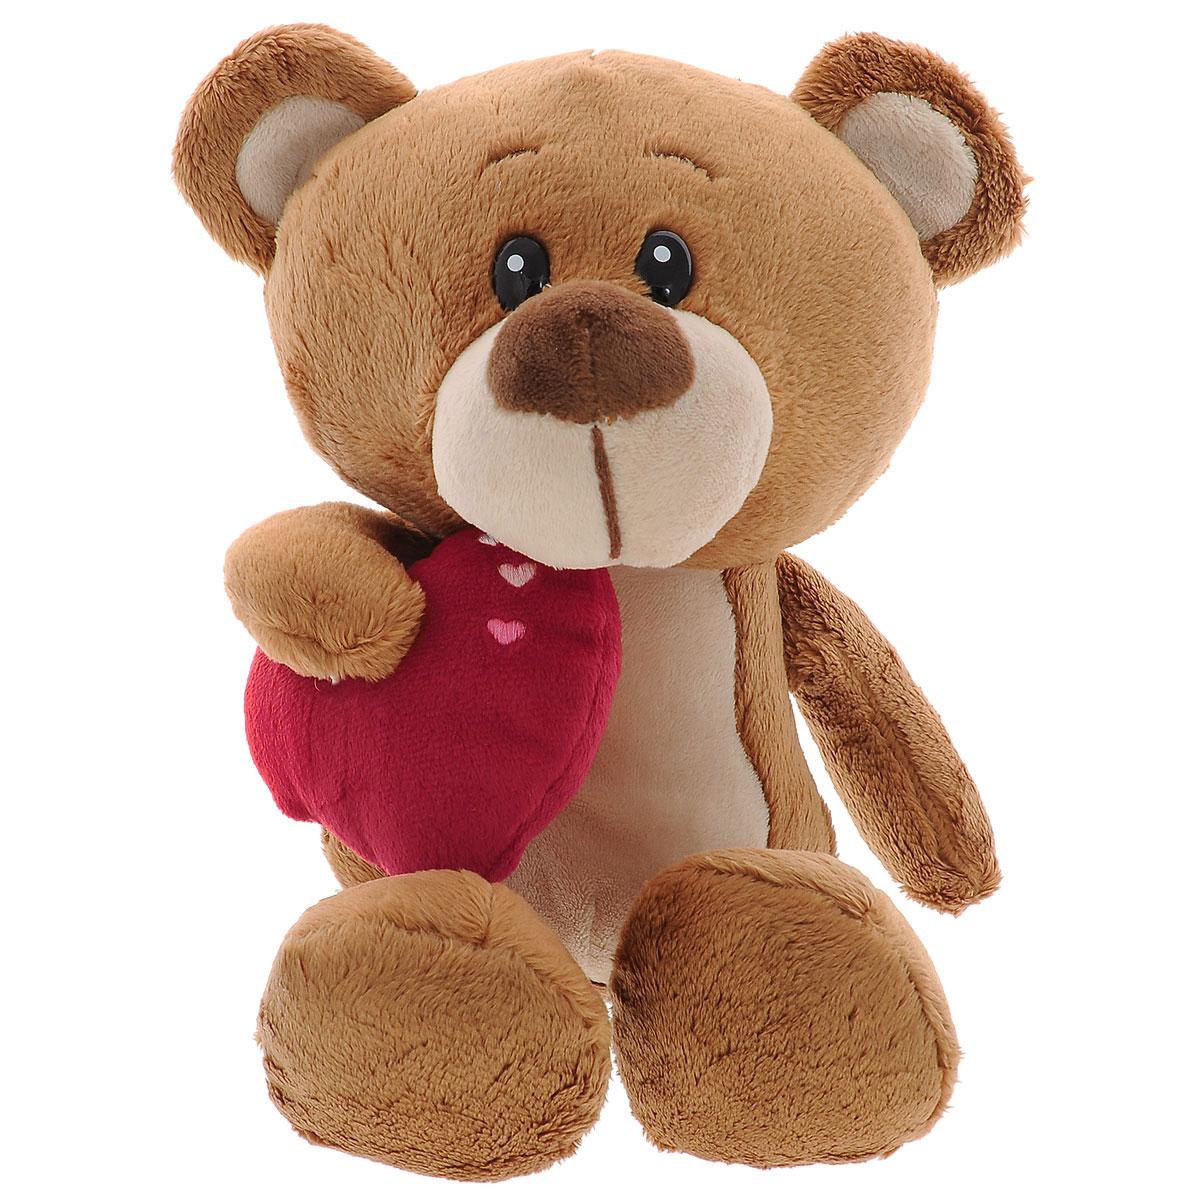 Мягкая игрушка Plush Apple Медведь Мишуткин с сердцем, 30 смK11166CМягкая игрушка Plush Apple Медведь Мишуткин с сердцем обязательно понравится любому ребенку. Изделие изготовлено из приятных на ощупь и очень мягких материалов. Выполнена игрушка в виде забавного медвежонка. Глазки изготовлены из пластика. В лапке у мишки красное сердечко. Небольшие размеры игрушки позволяют брать ее на прогулку и в гости, поэтому малышу больше не придется расставаться со своим новым другом.